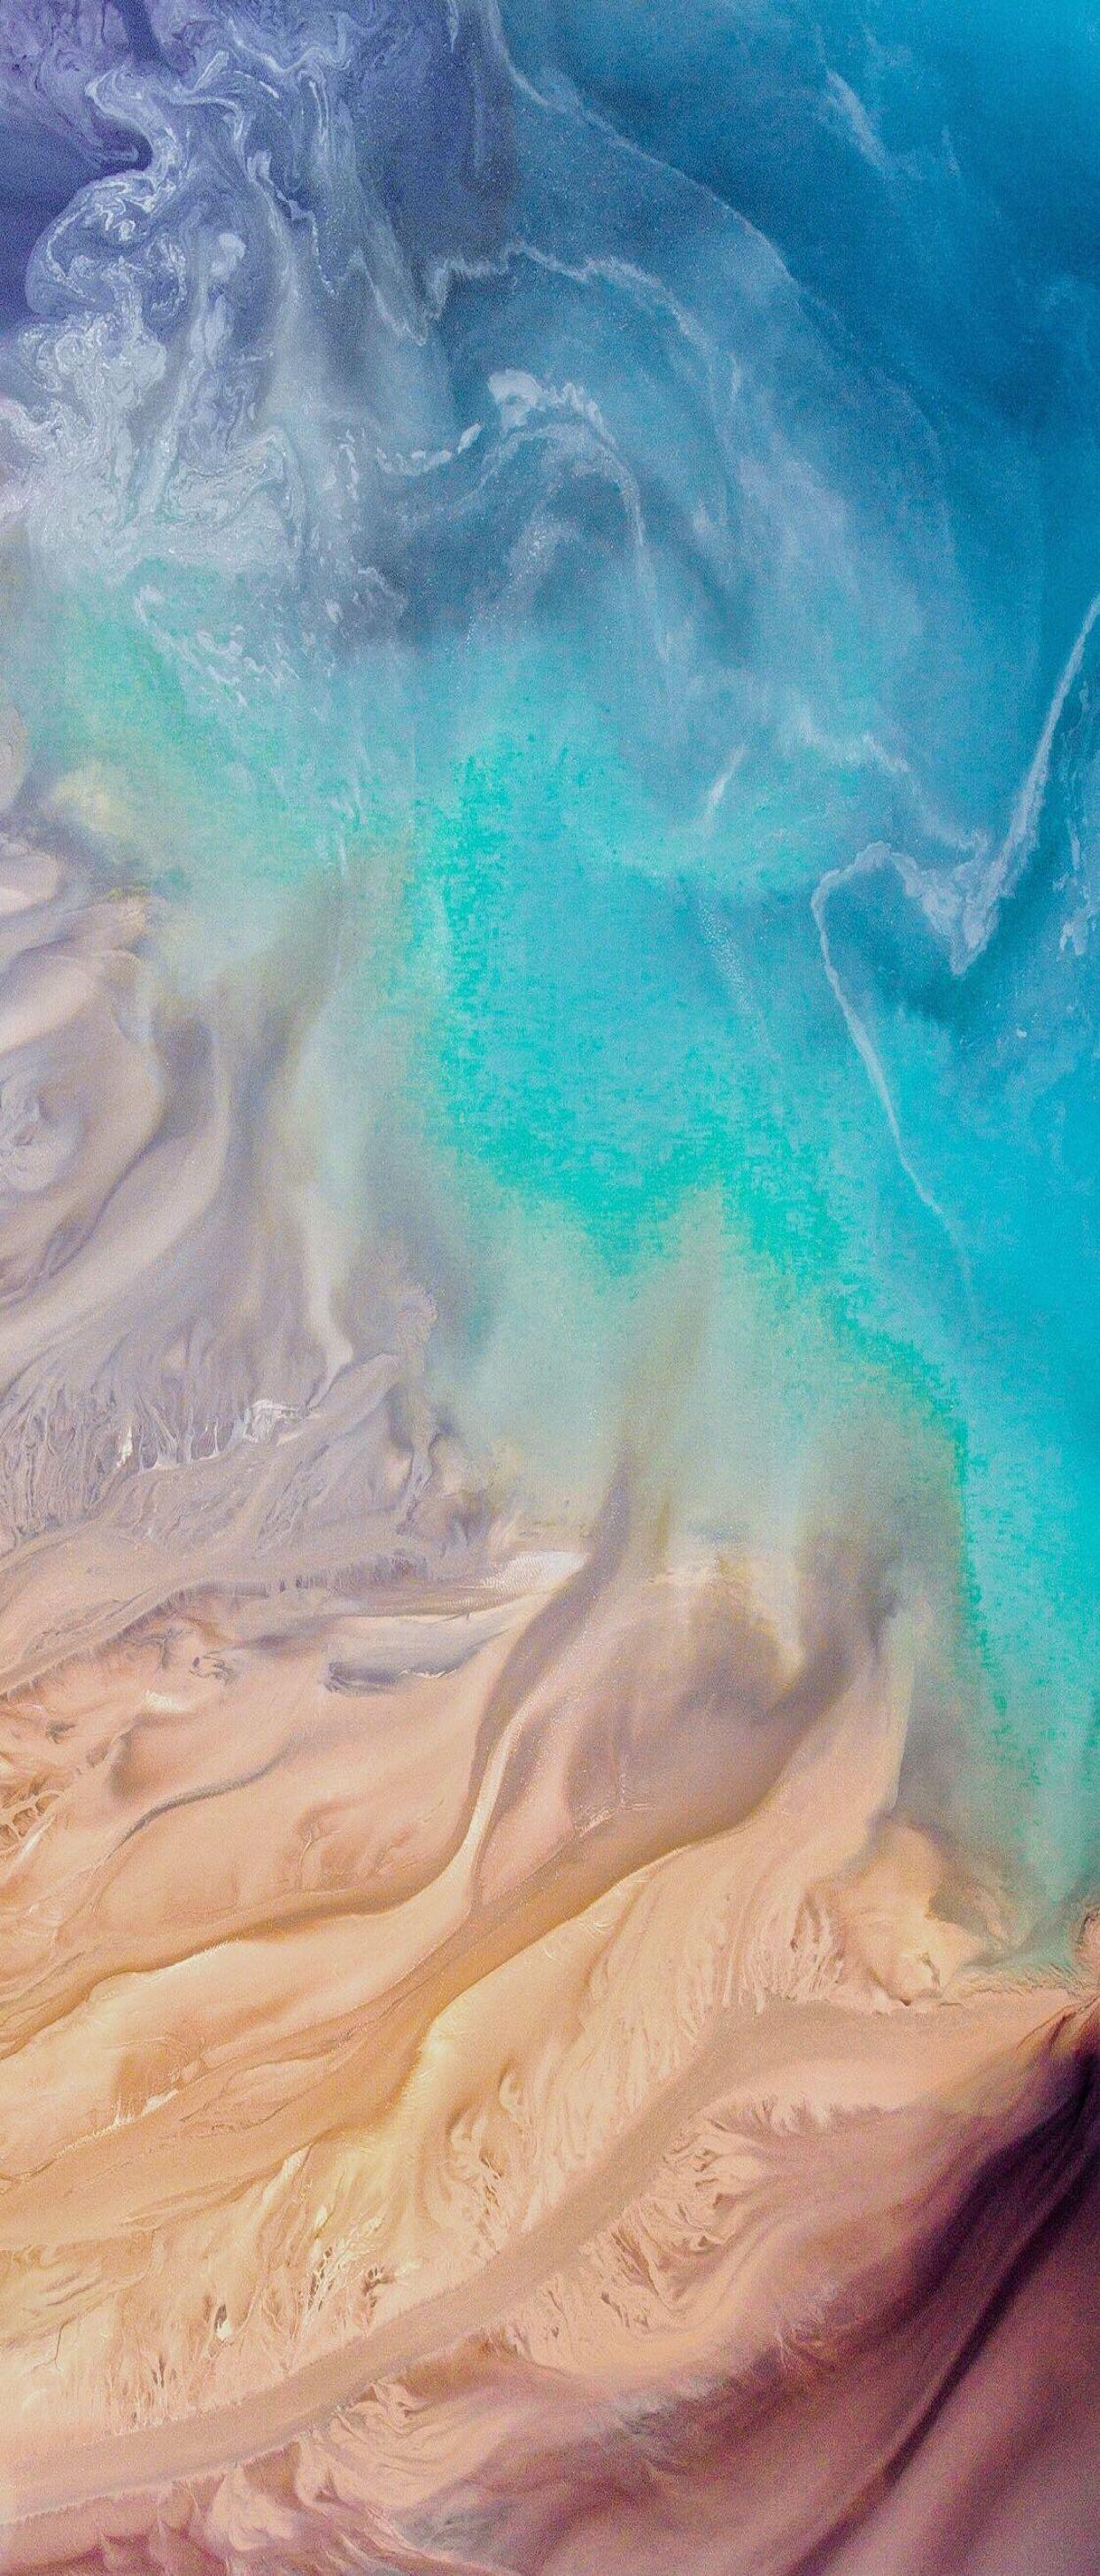 iOS 11 iPhone X Aqua blue Water beach wave ocean apple 1242x2908